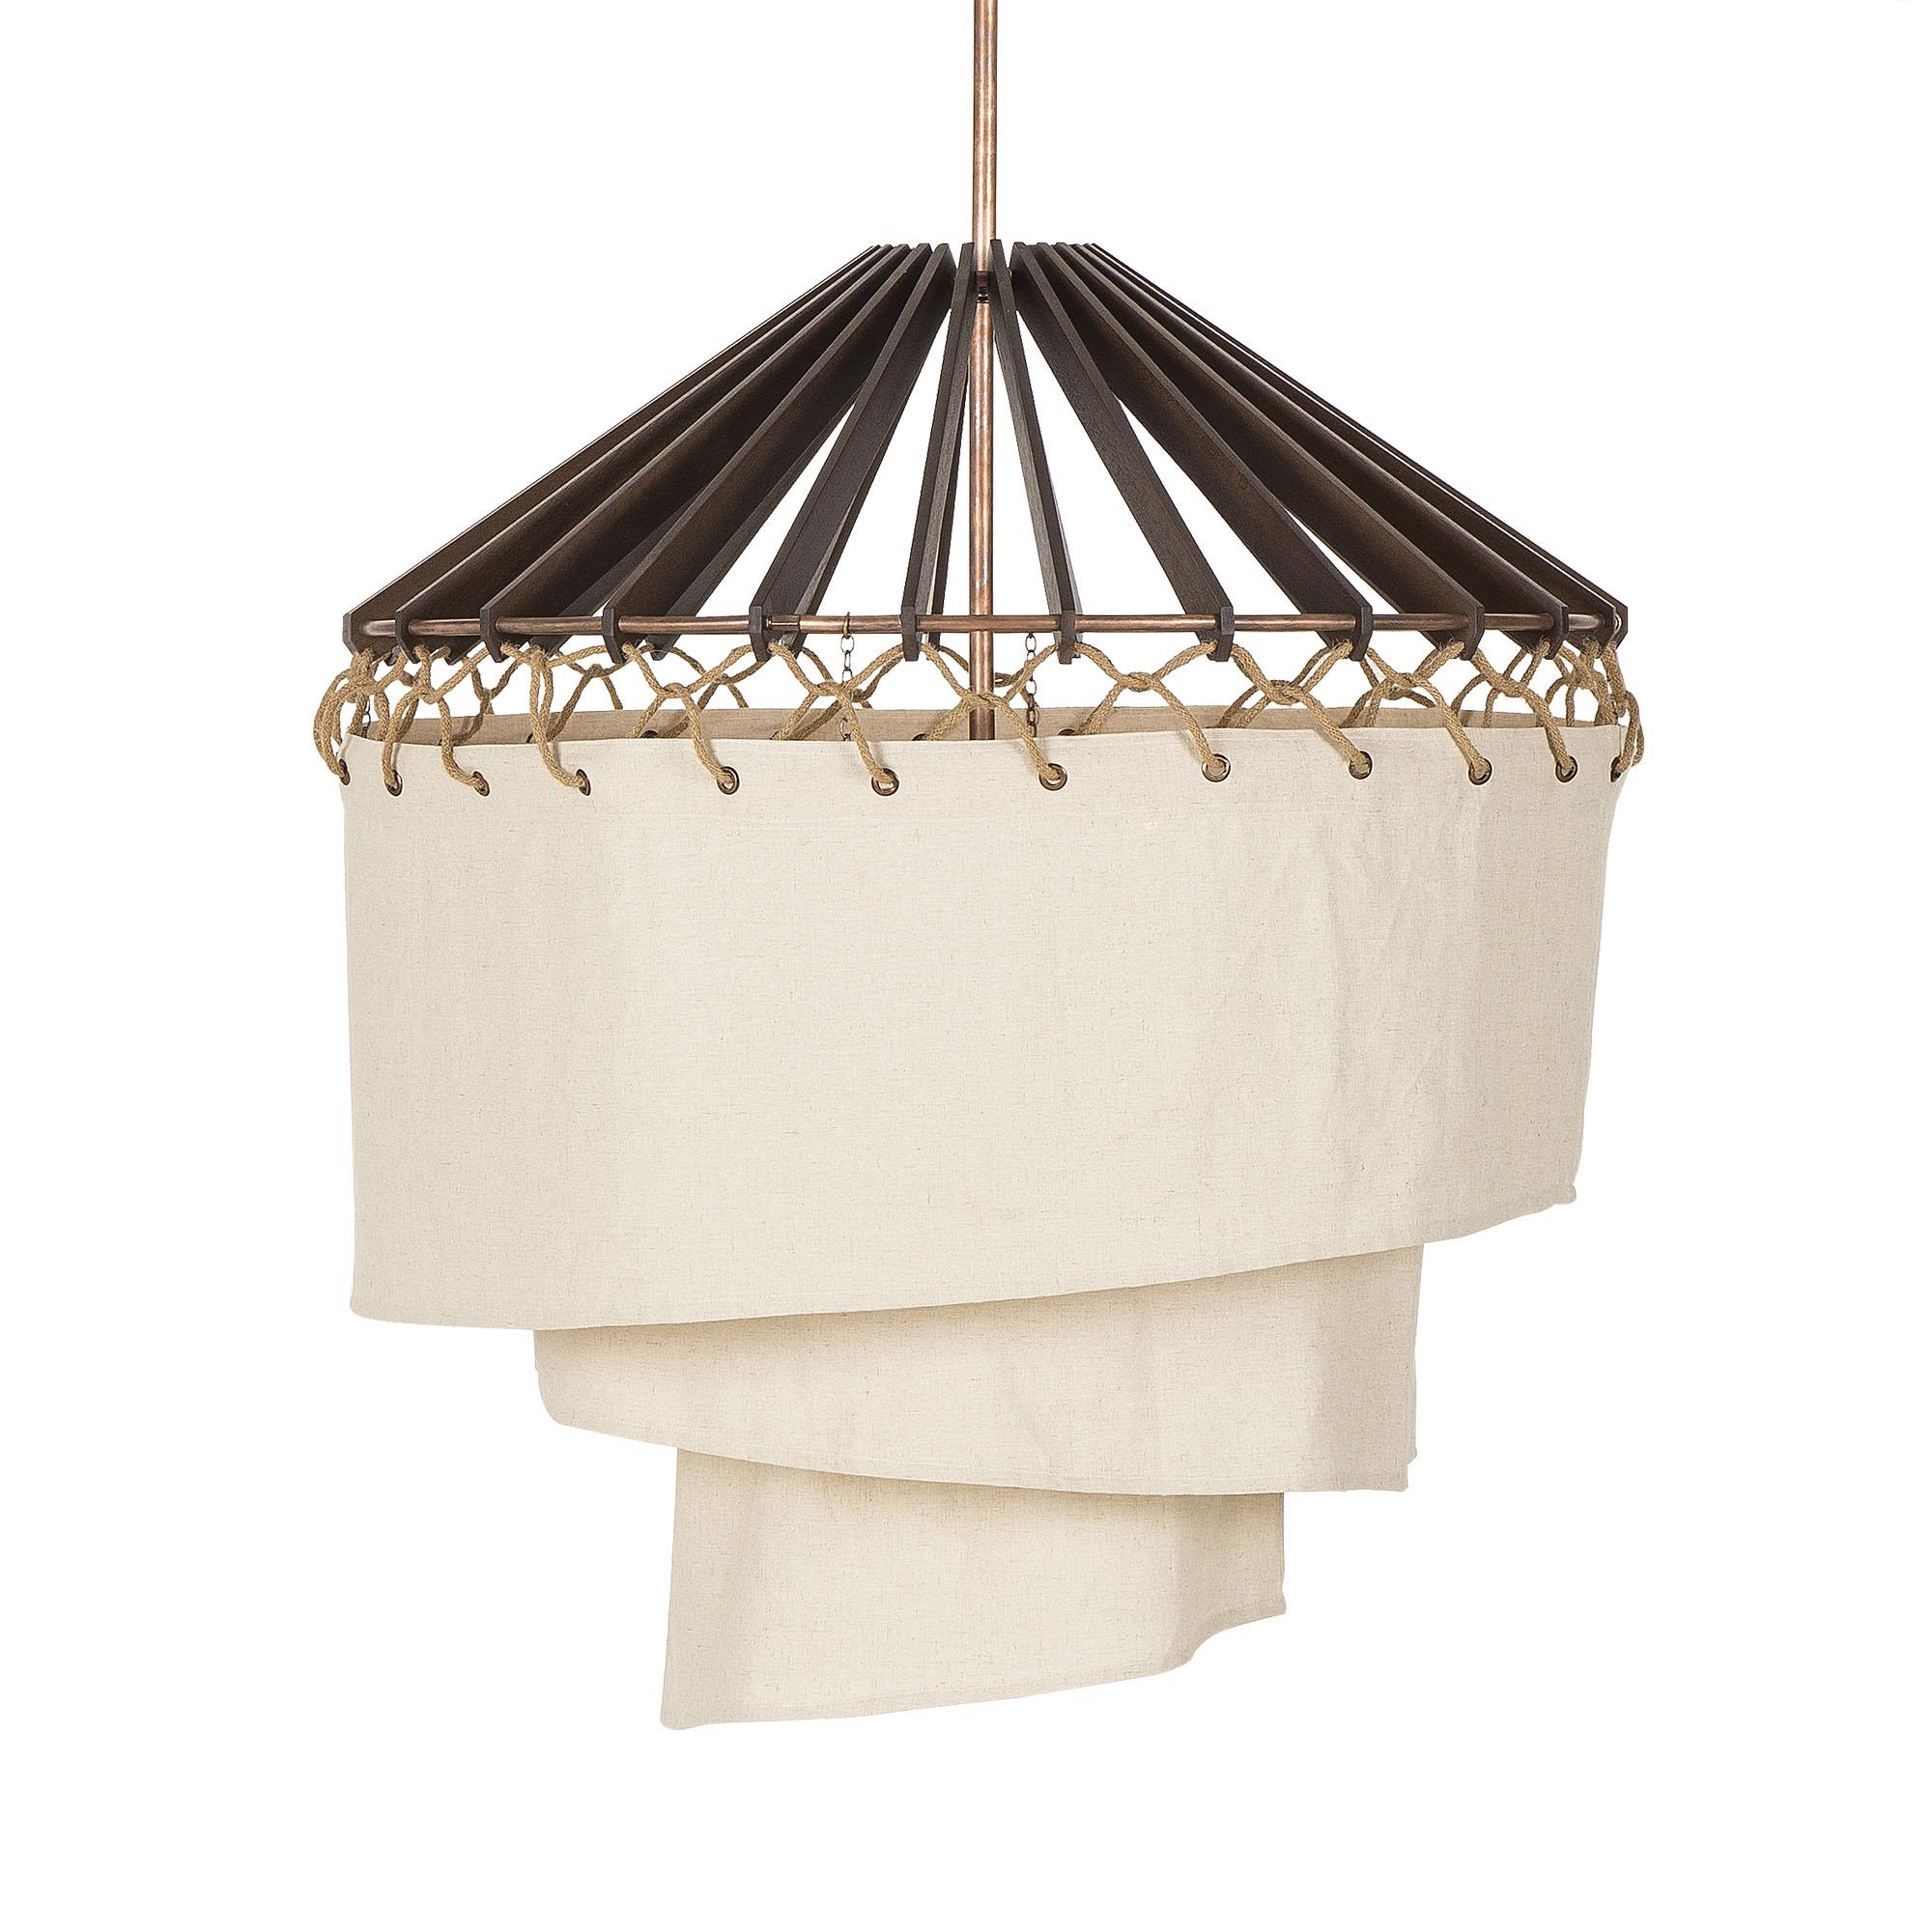 Nellcote_Studio_wood shutters & Twine chandelier.jpg